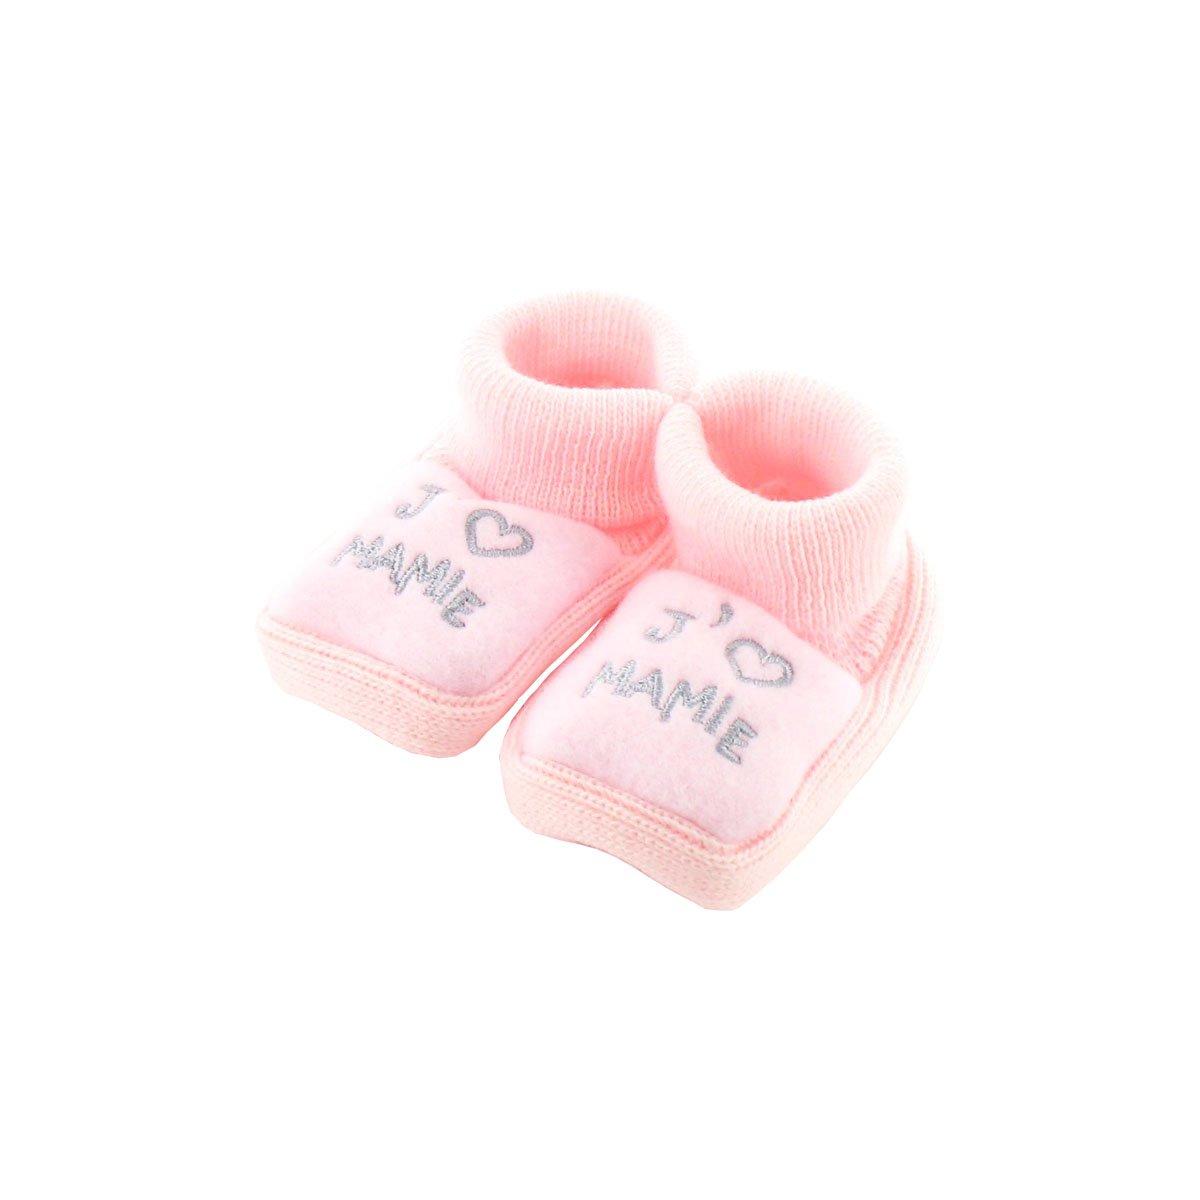 Chaussons pour bébé 0 à 3 Mois rose - J'aime mamie Fruit de ma Passion